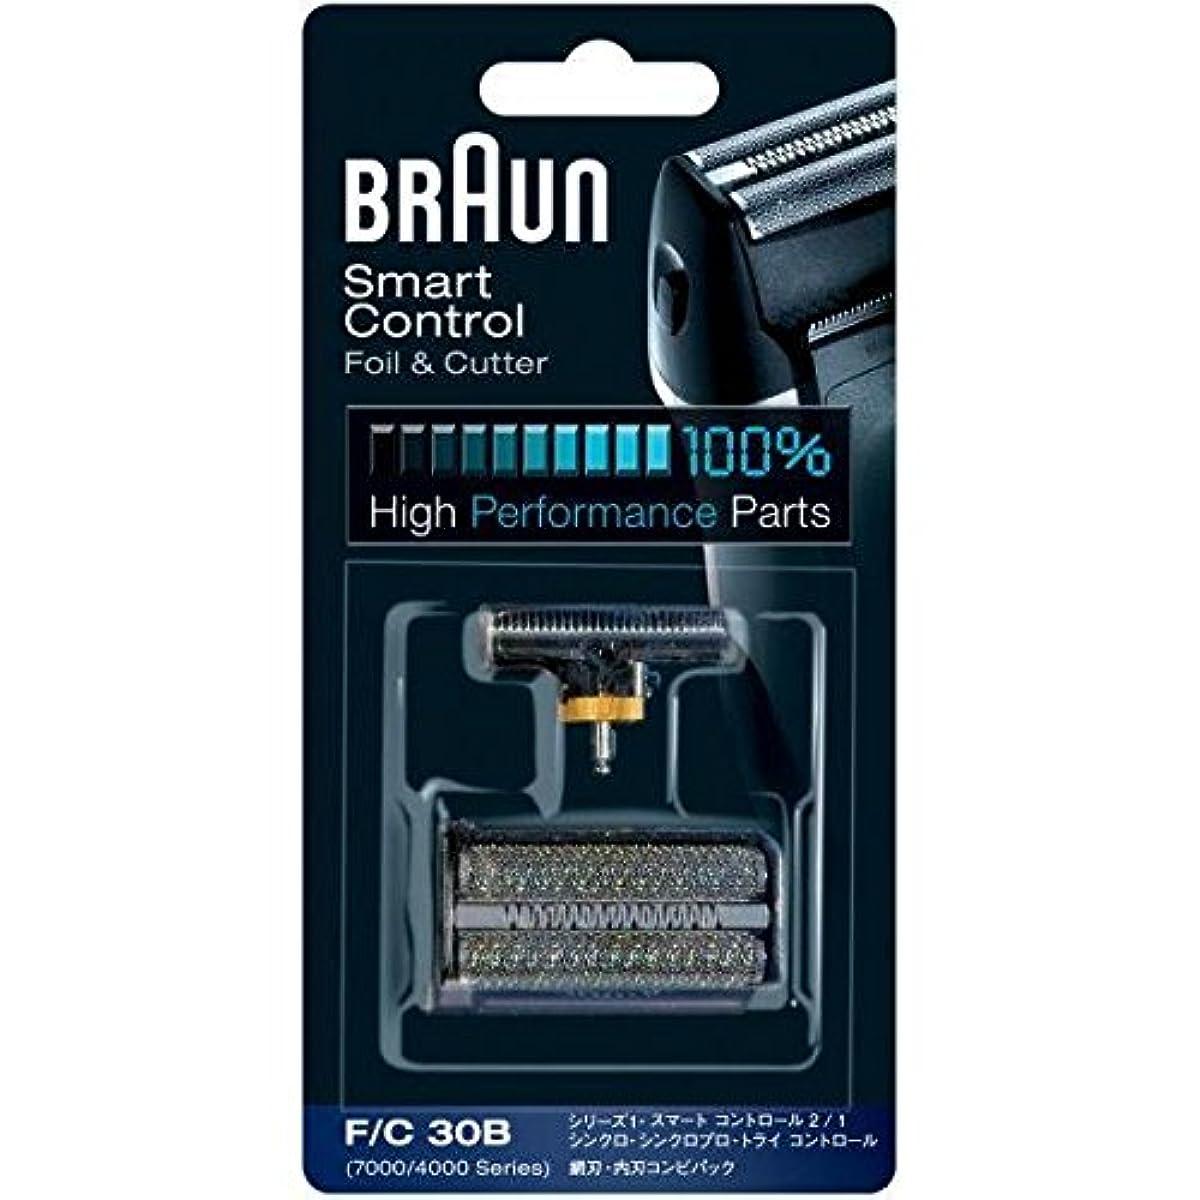 非アクティブ初期啓発するBRAUN(ブラウン) シェーバー 替刃(網刃+内刃セット) F/C30B